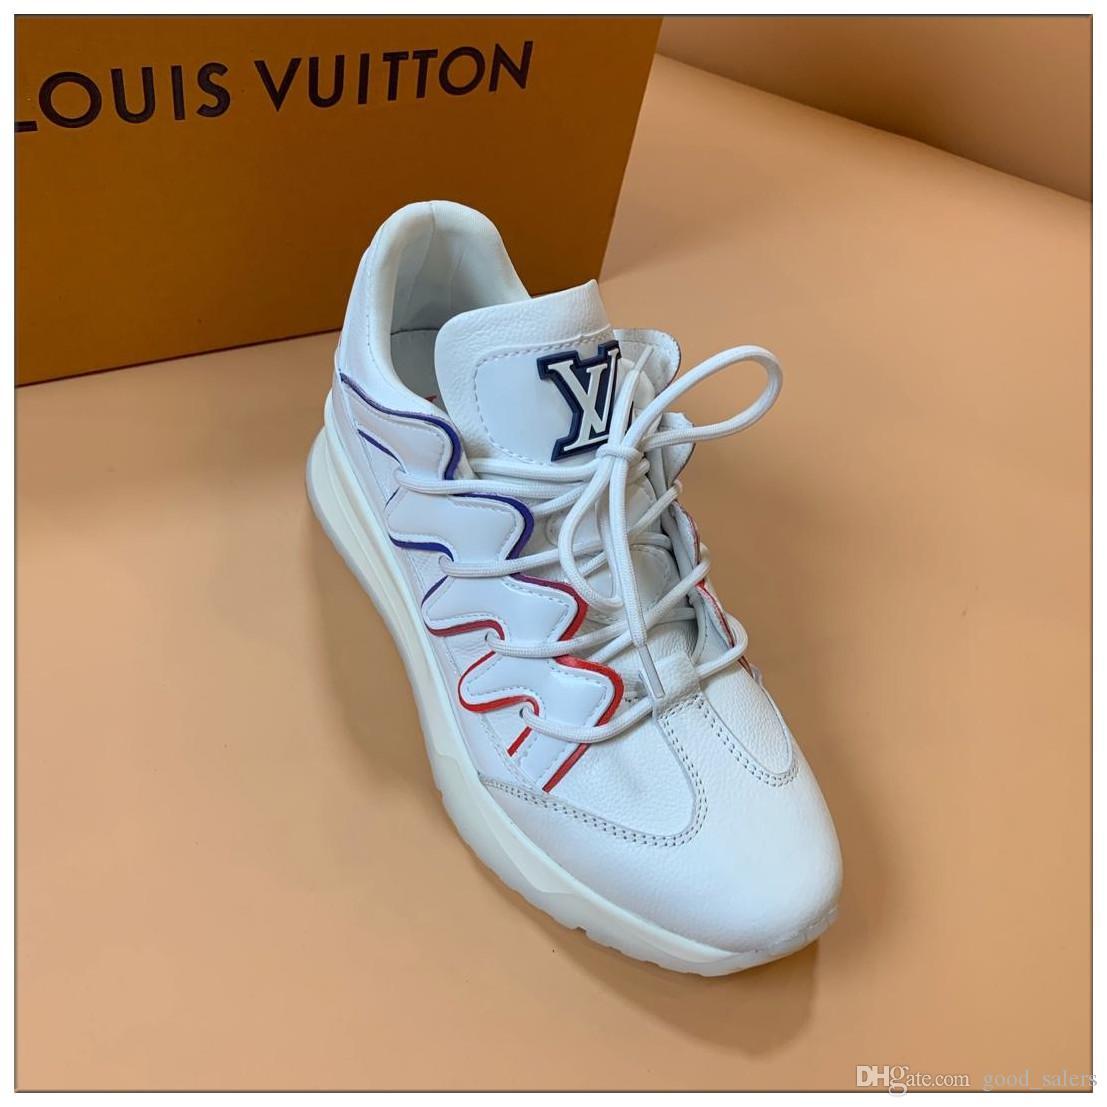 Baskı Ayakkabı En İyi Kalite Gri Beyaz ACE İşlemeli Erkek Gerçek Deri Tasarımcılar Sneakers Üst Kalite Günlük Ayakkabılar Boyut 38-45